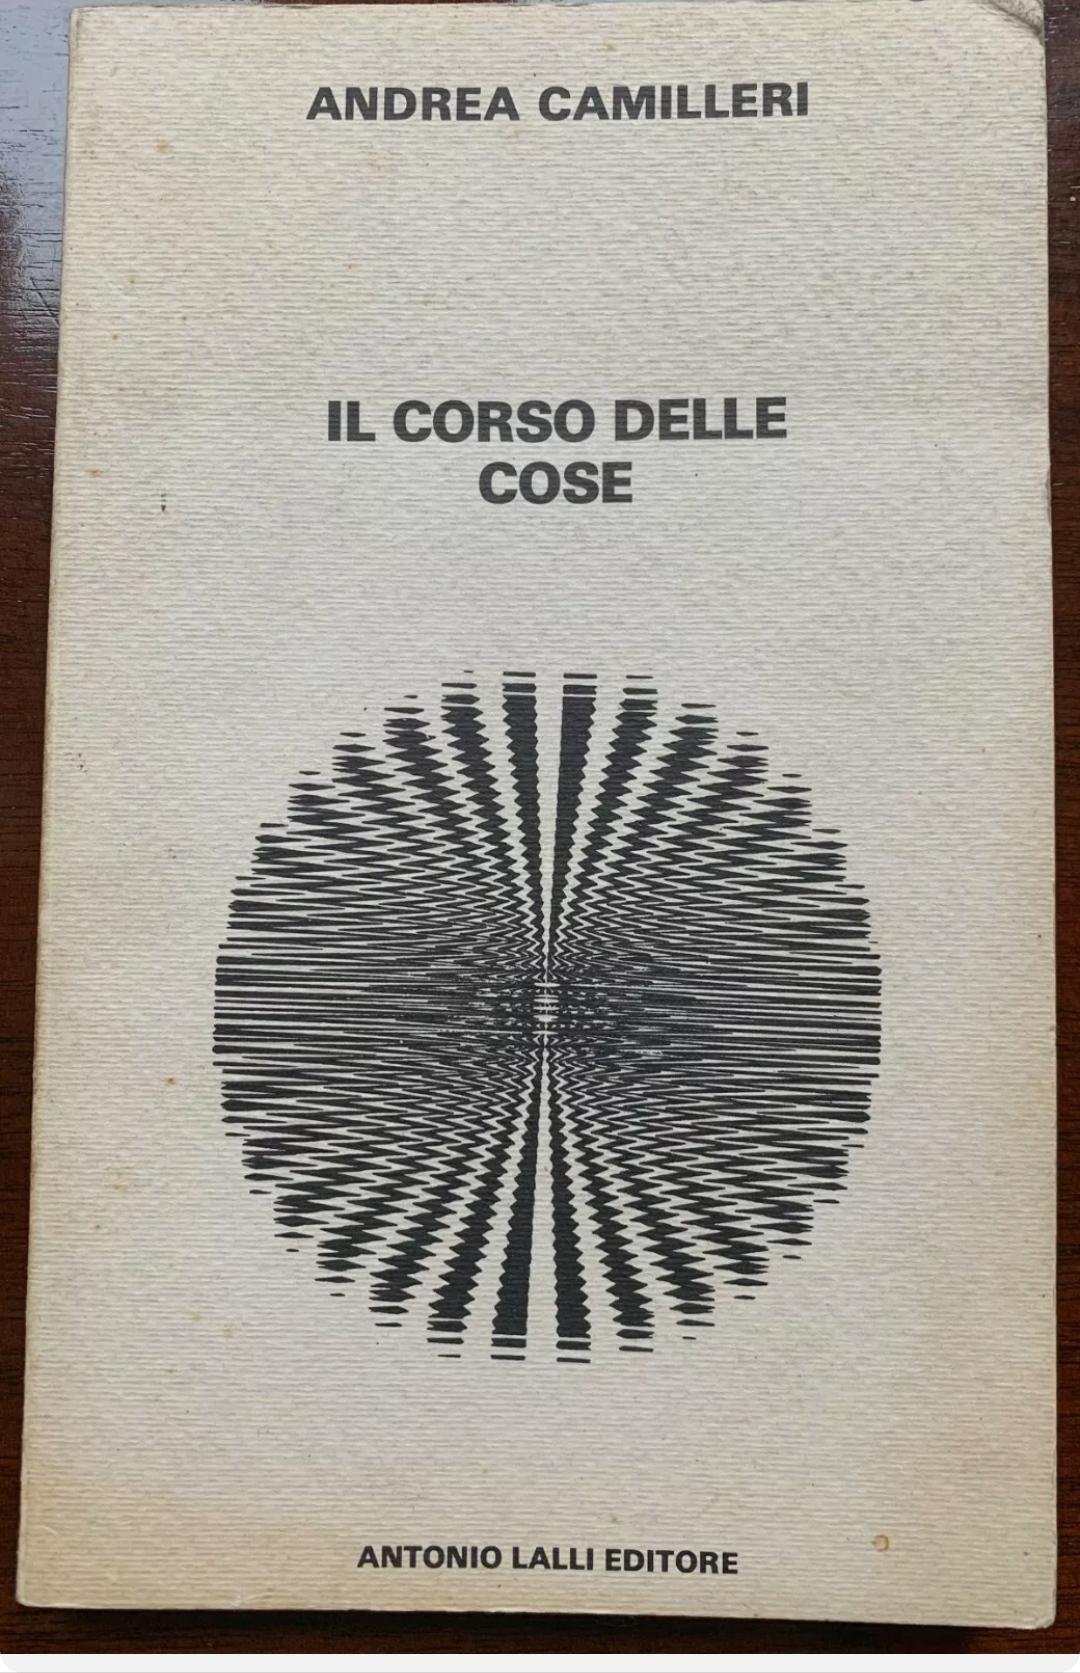 """Camilleri Andrea """"il corso delle cose"""" Poggibonsi Antonio Lalli ed 1978 I^ ediz"""